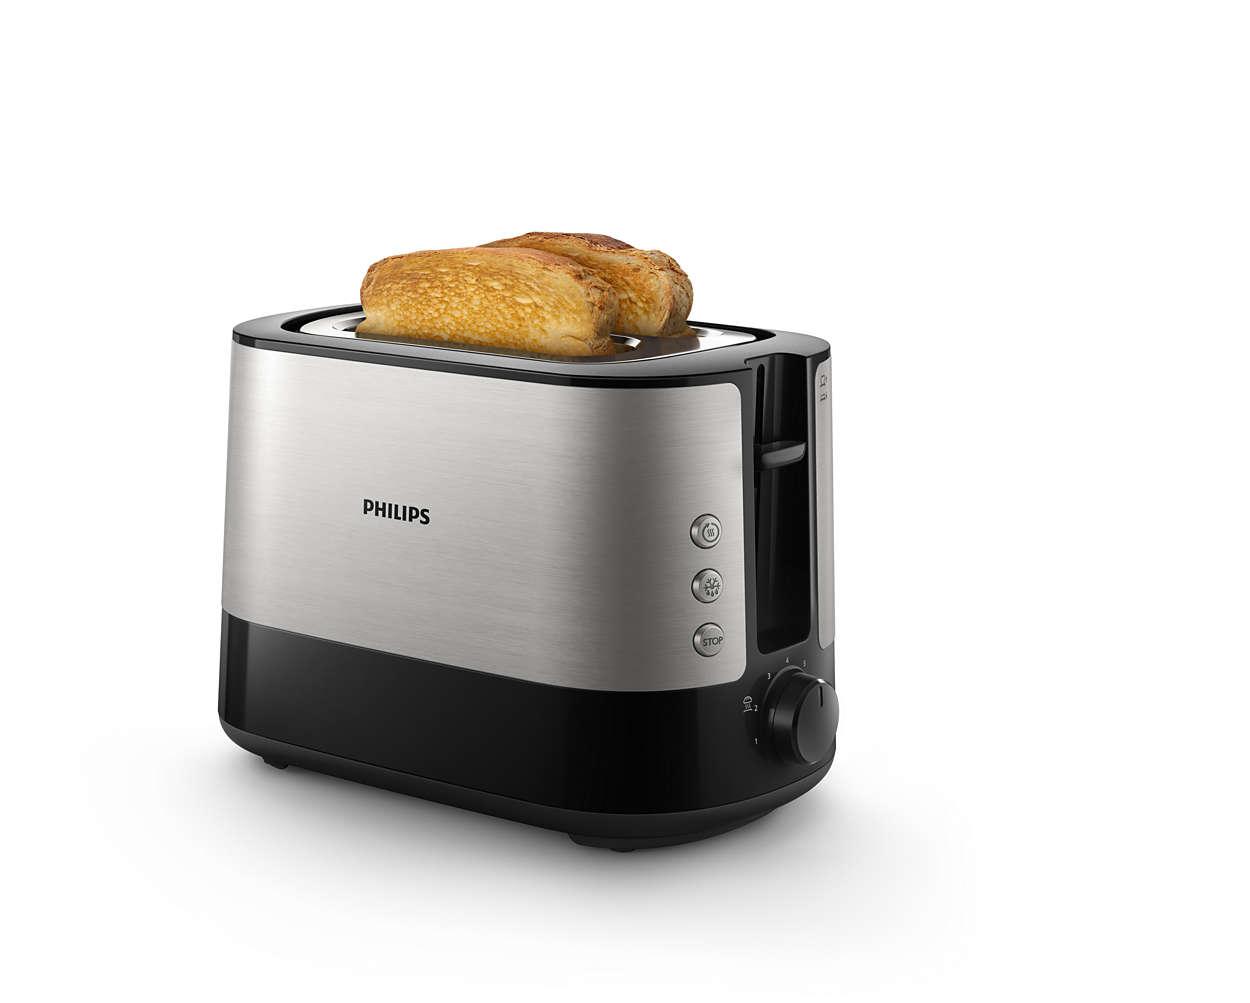 Estupendas tostadas crujientes con todo tipo de pan